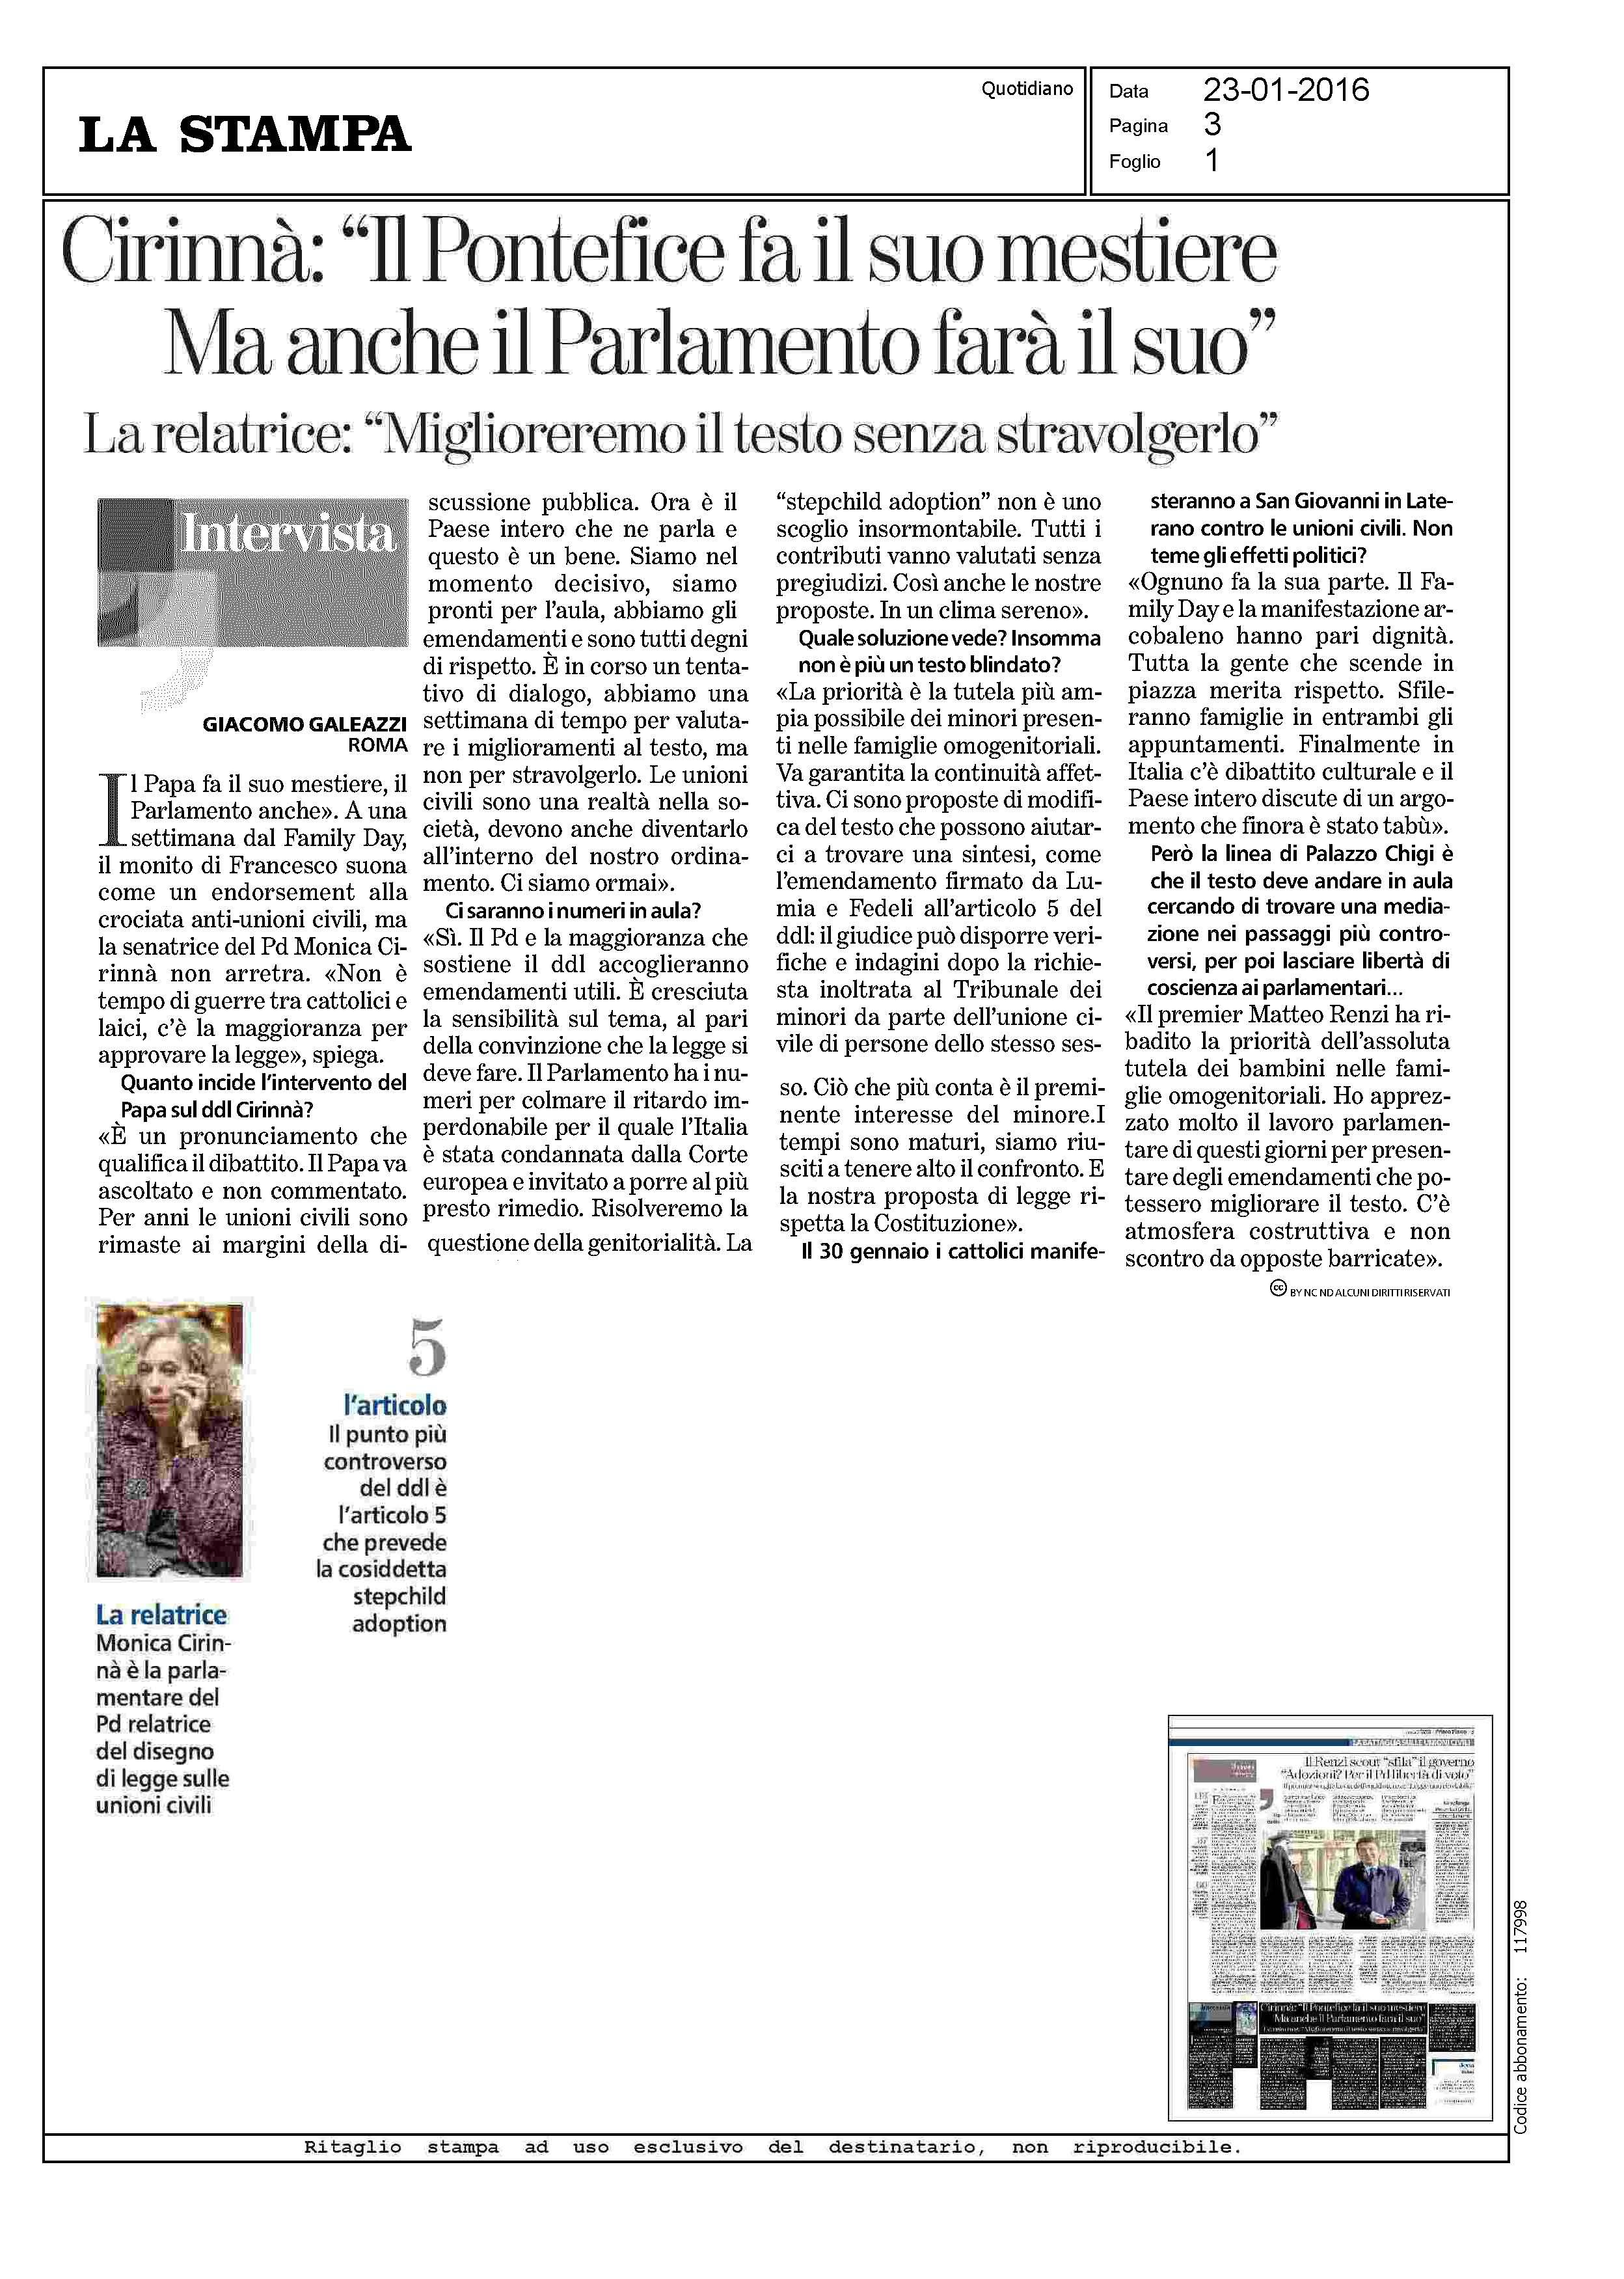 la-stampa-papa